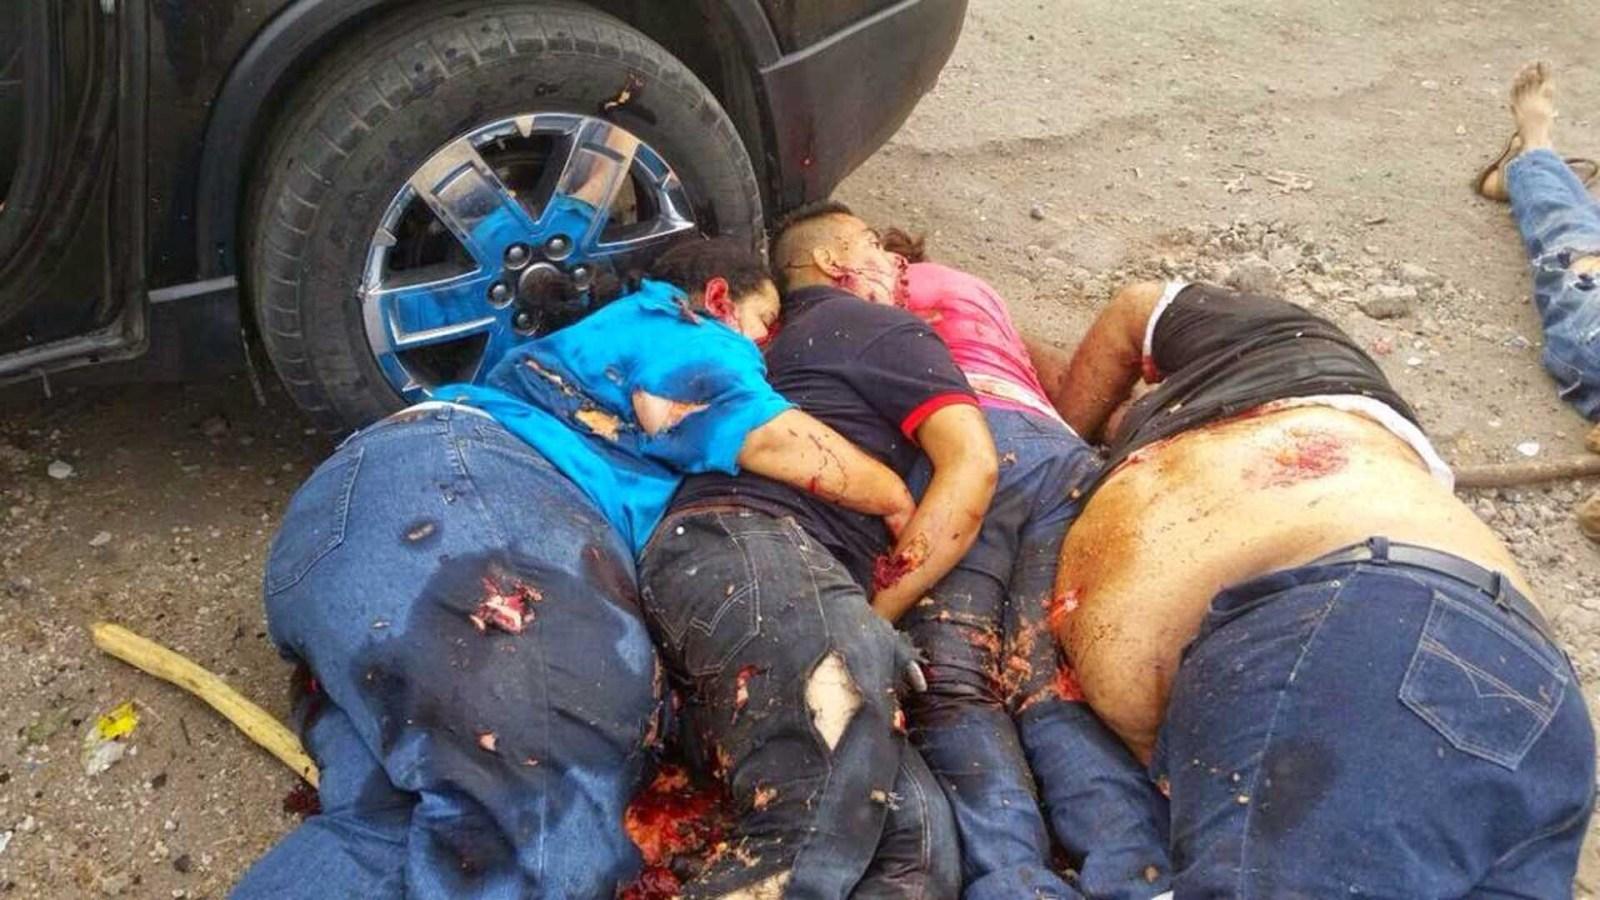 Enfrentamiento en Apatzingan- PF/Ejército vs Viagras deja 11 muertos y 44 detenidos 1zd40zr